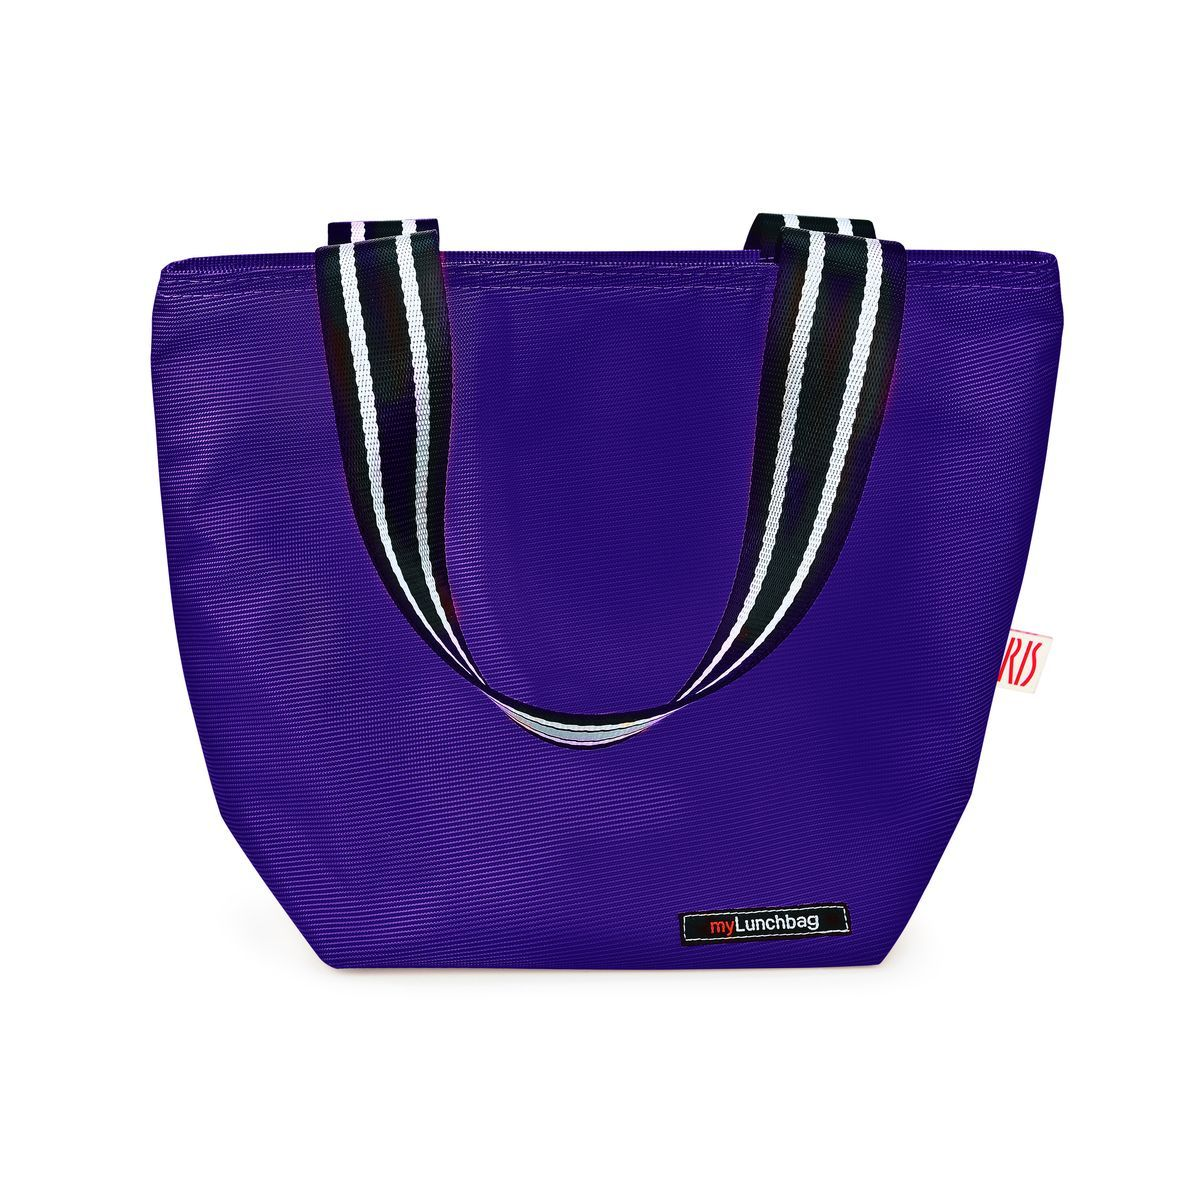 Термосумка для ланч-бокса Iris Barcelona Tote MyLunchbag, цвет: фиолетовыйI9152-TXТермосумка для ланч-бокса Iris Barcelona Tote MyLunchbag выполнена из полиэстера.Она отлично сохраняет свежесть и вкус продукта на несколько часов. Очень полезна маме в уходе за детьми. Пригодится везде: на прогулке, на работе, учебе и т.д. С ней легко справится даже ребенок.Легко складывается до небольших размеров. Присутствует удобный кармашек для аксессуаров.Рекомендуется регулярно стирать вручную в теплой воде с мылом.